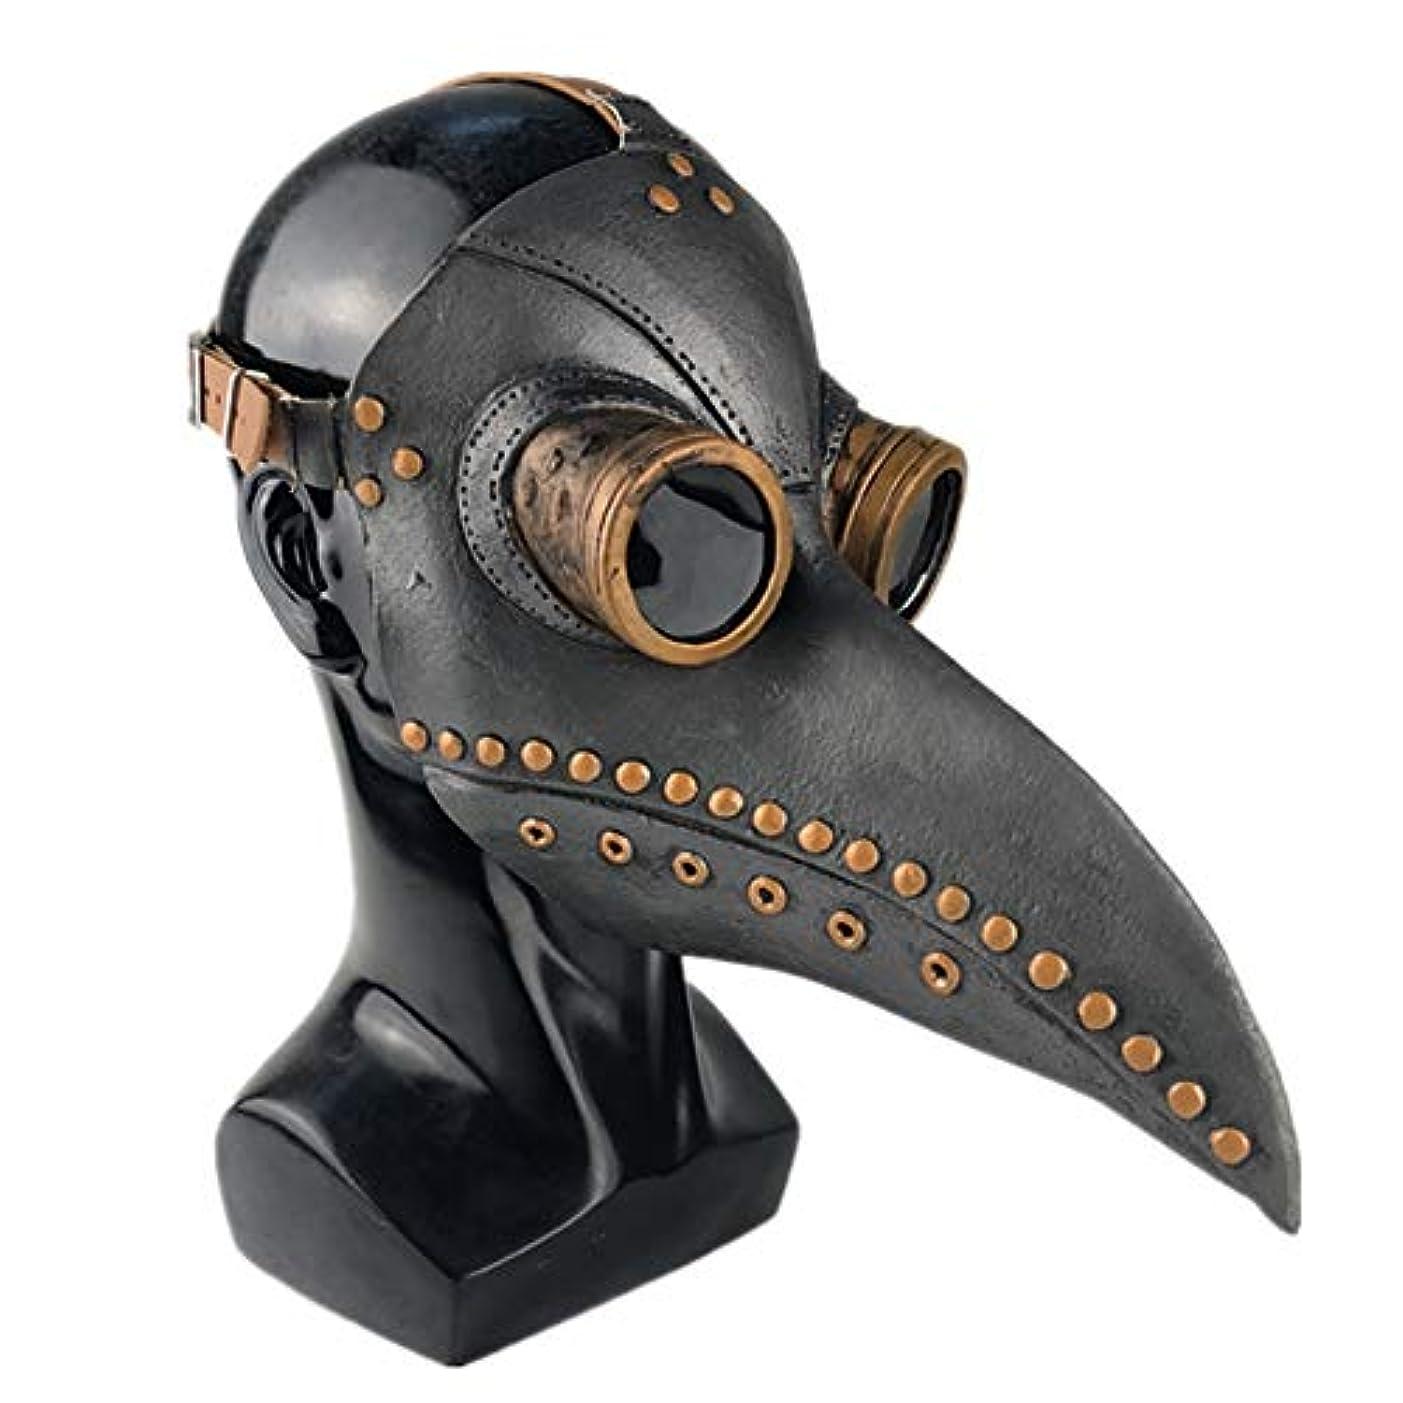 スイス人戦う許可するKISSION ホラーマスク ハロウィンデコレーション 通気性 ペストスチーム喙ドクターマスク 仮面舞踏会喙ドクターマスク 小道具 黒 銅の爪